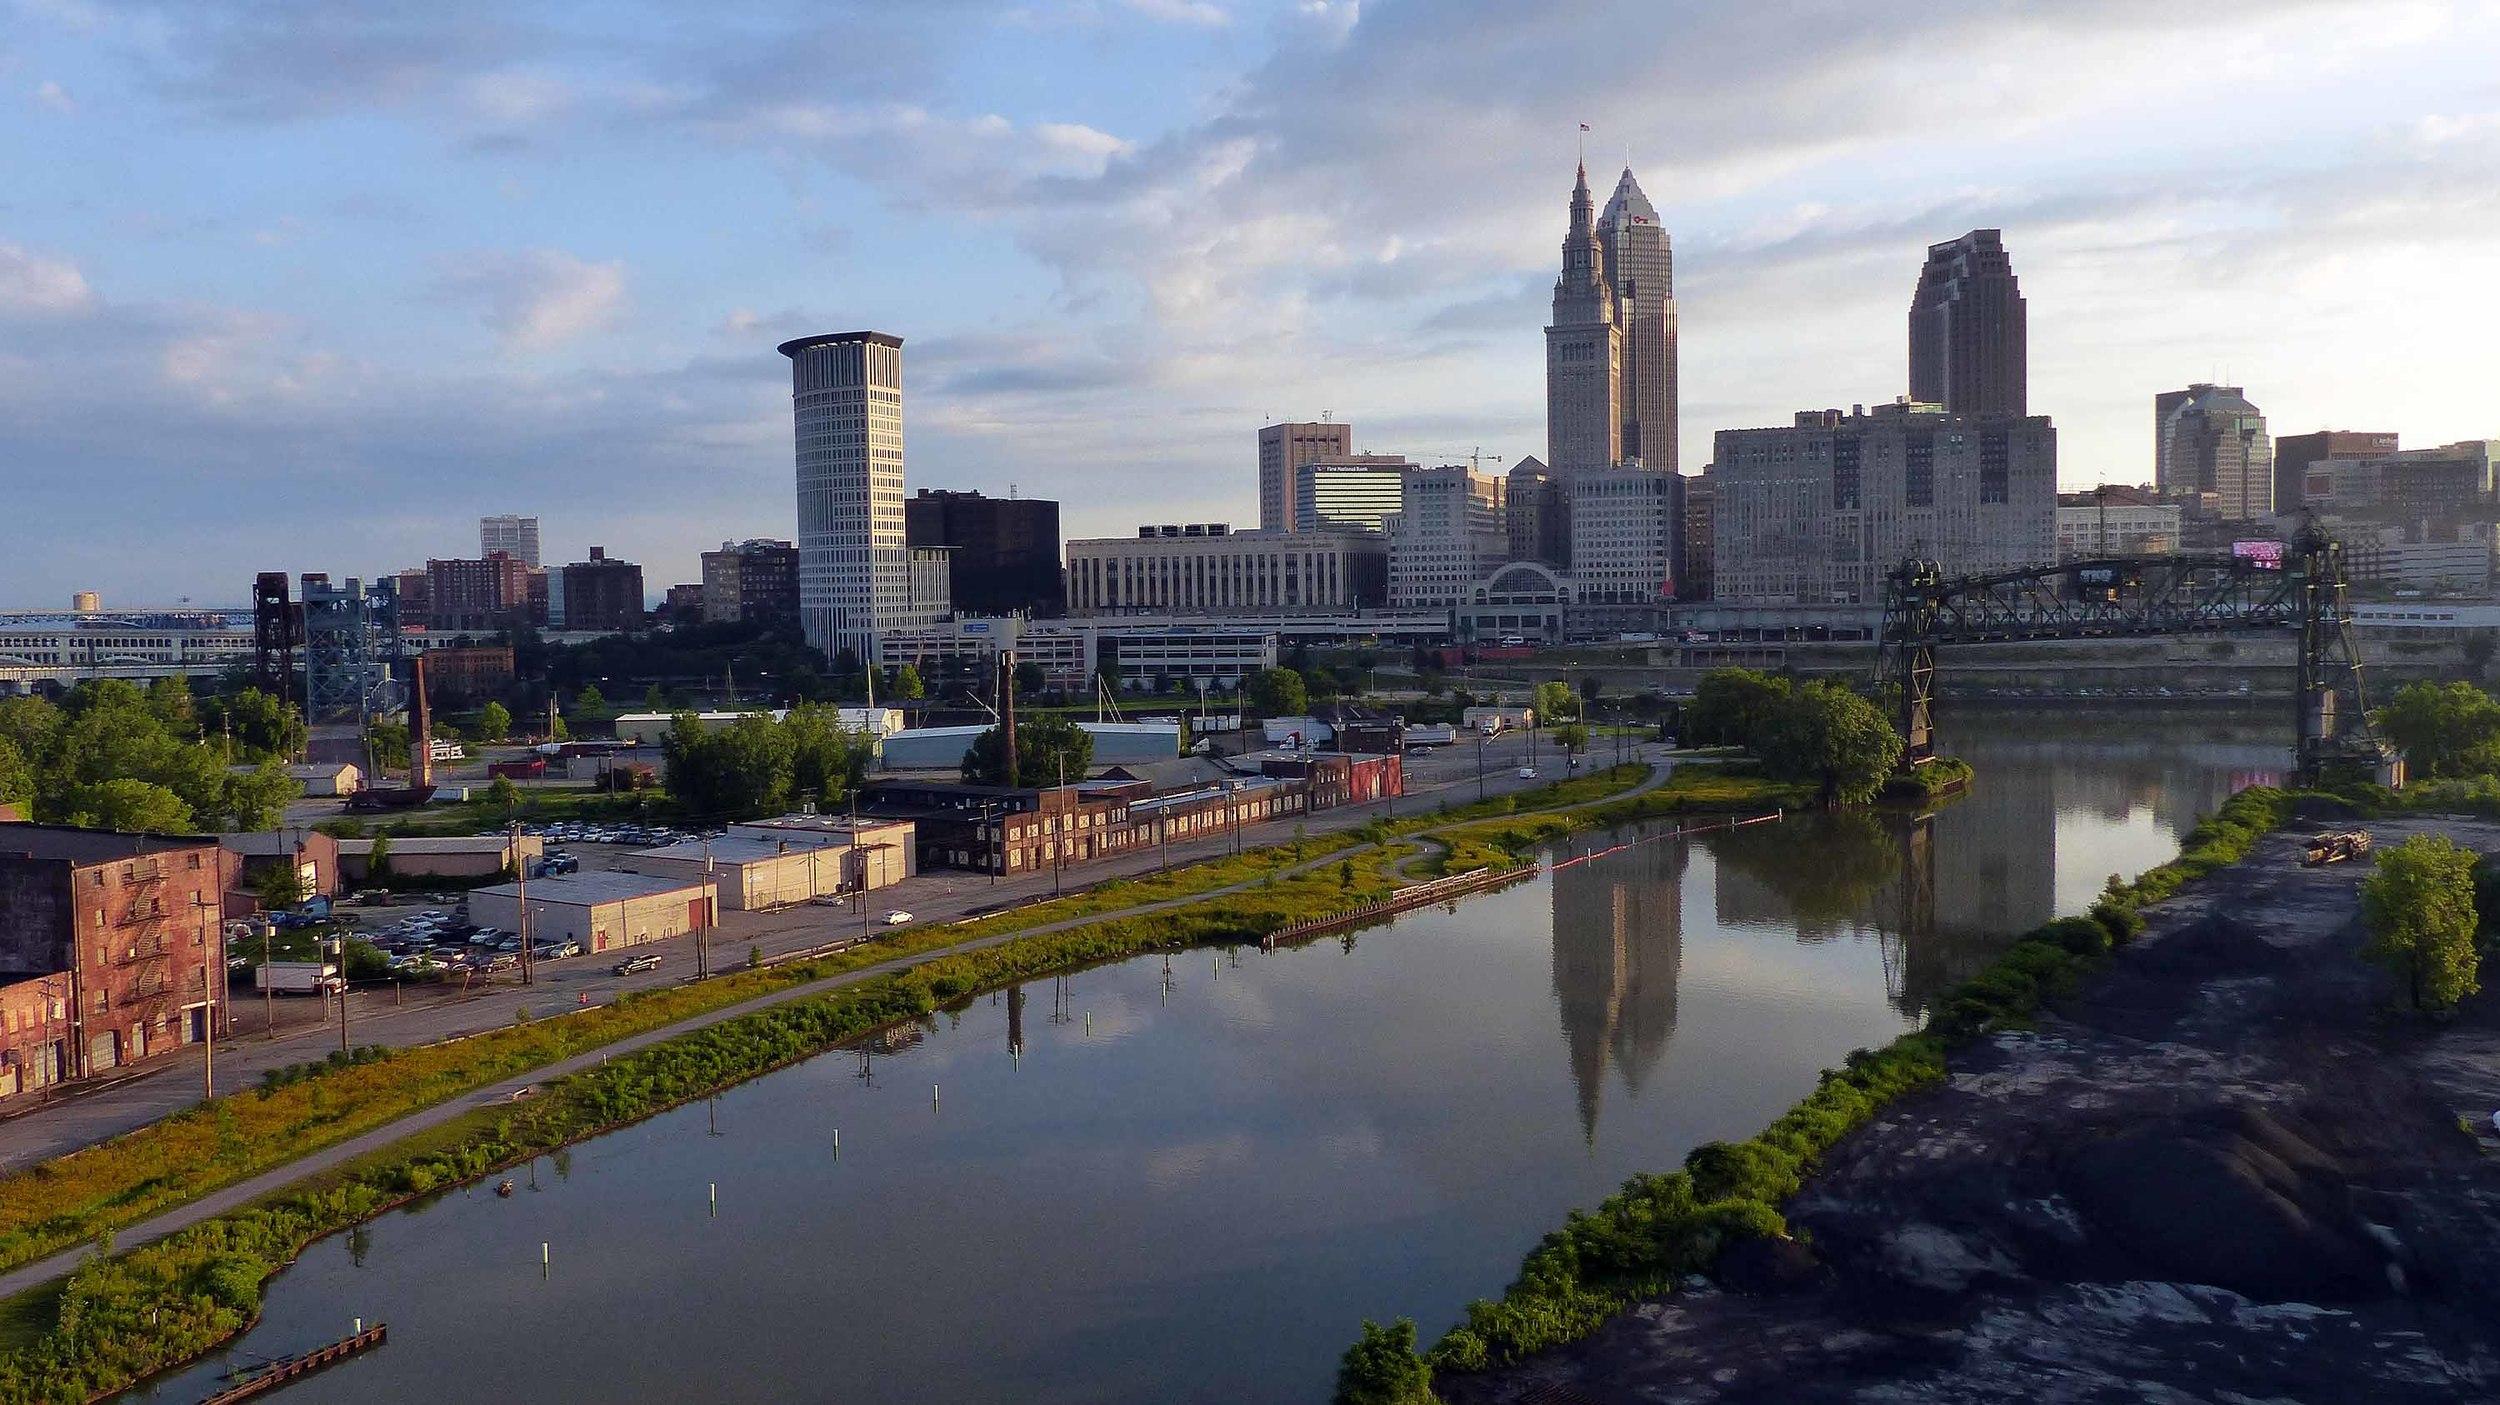 Cuyahoga River: June 22, 2015